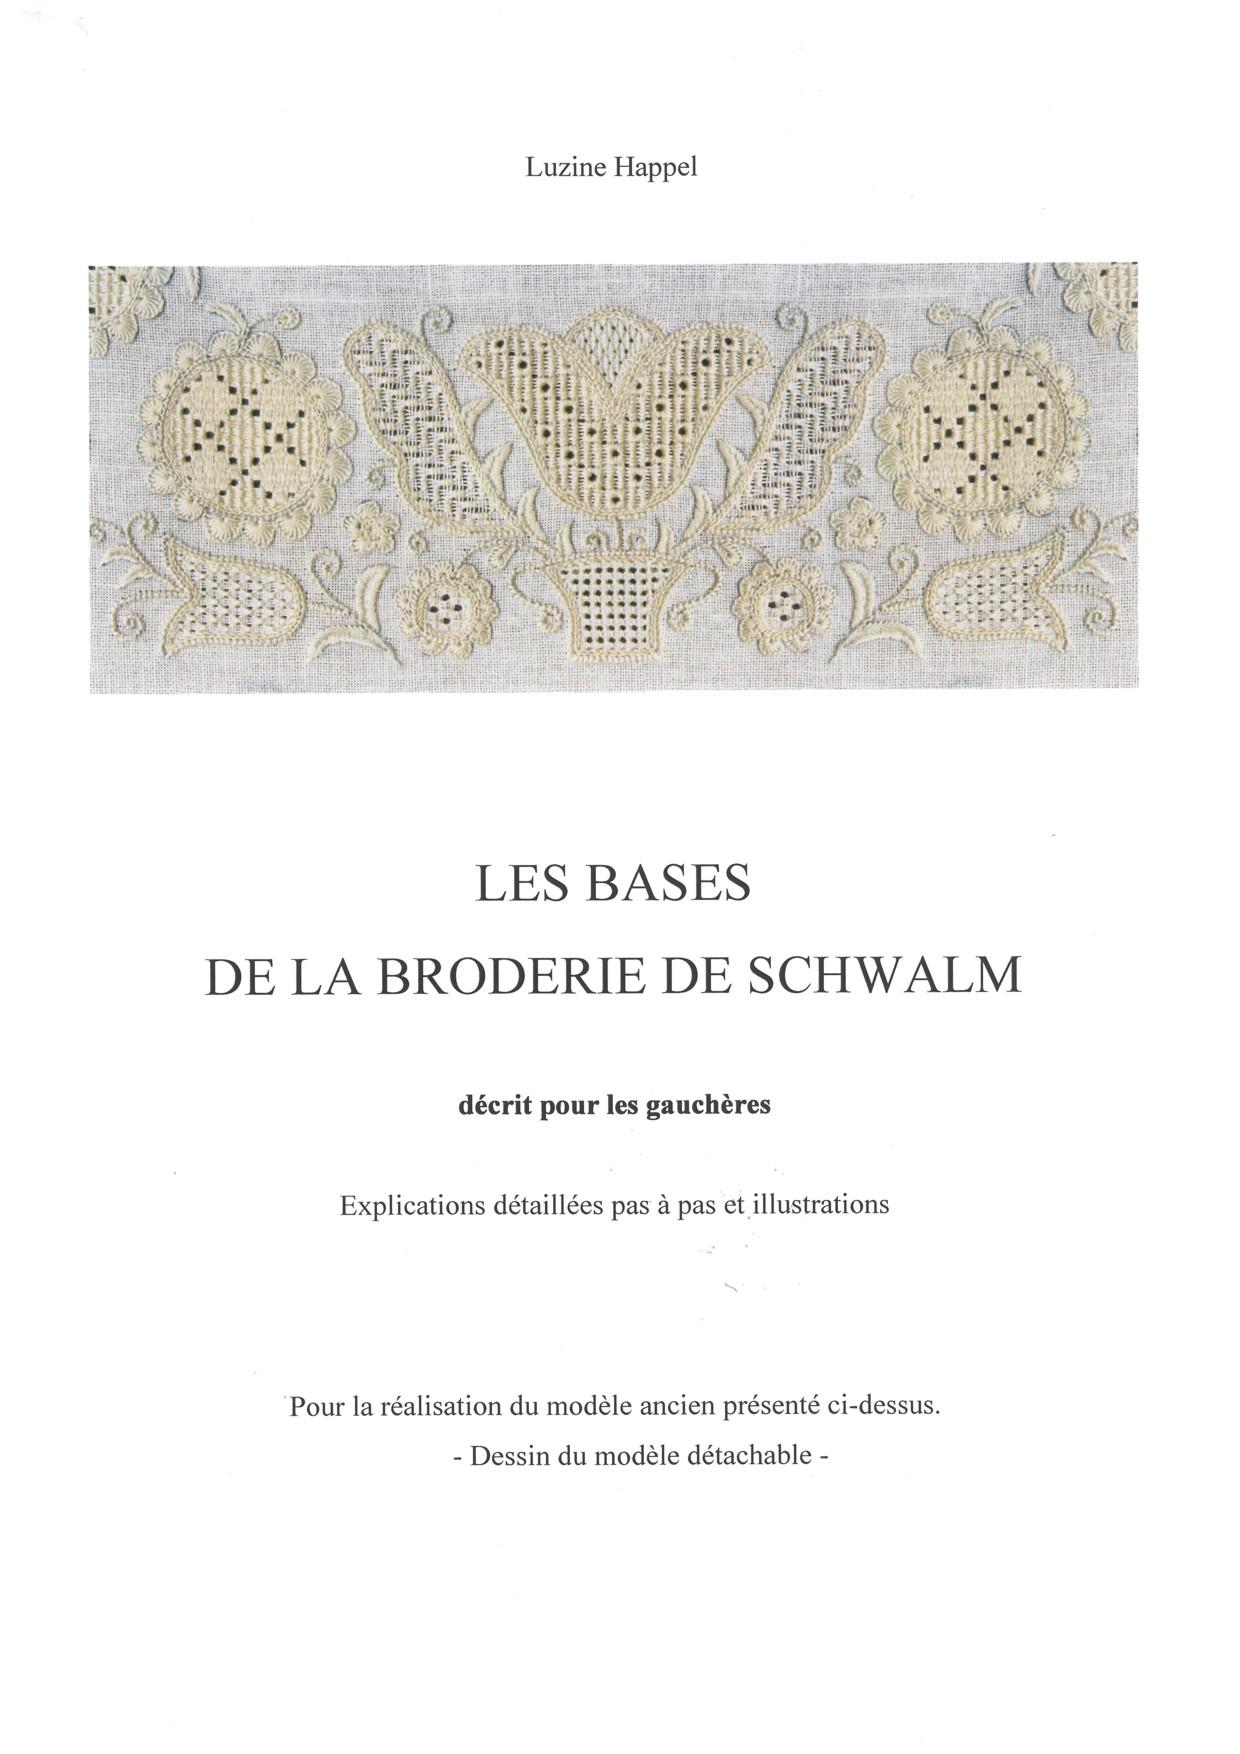 LES BASES DE LA BRODERIE DE SCHWALM - for left-handed 1 / 8